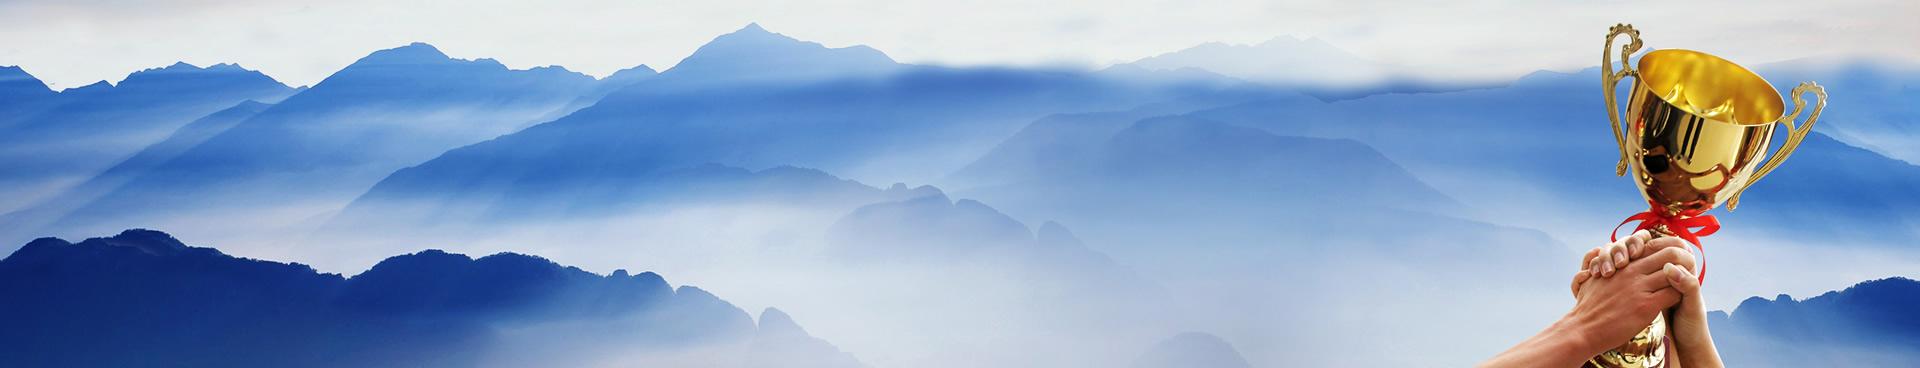 陕西风景banner图